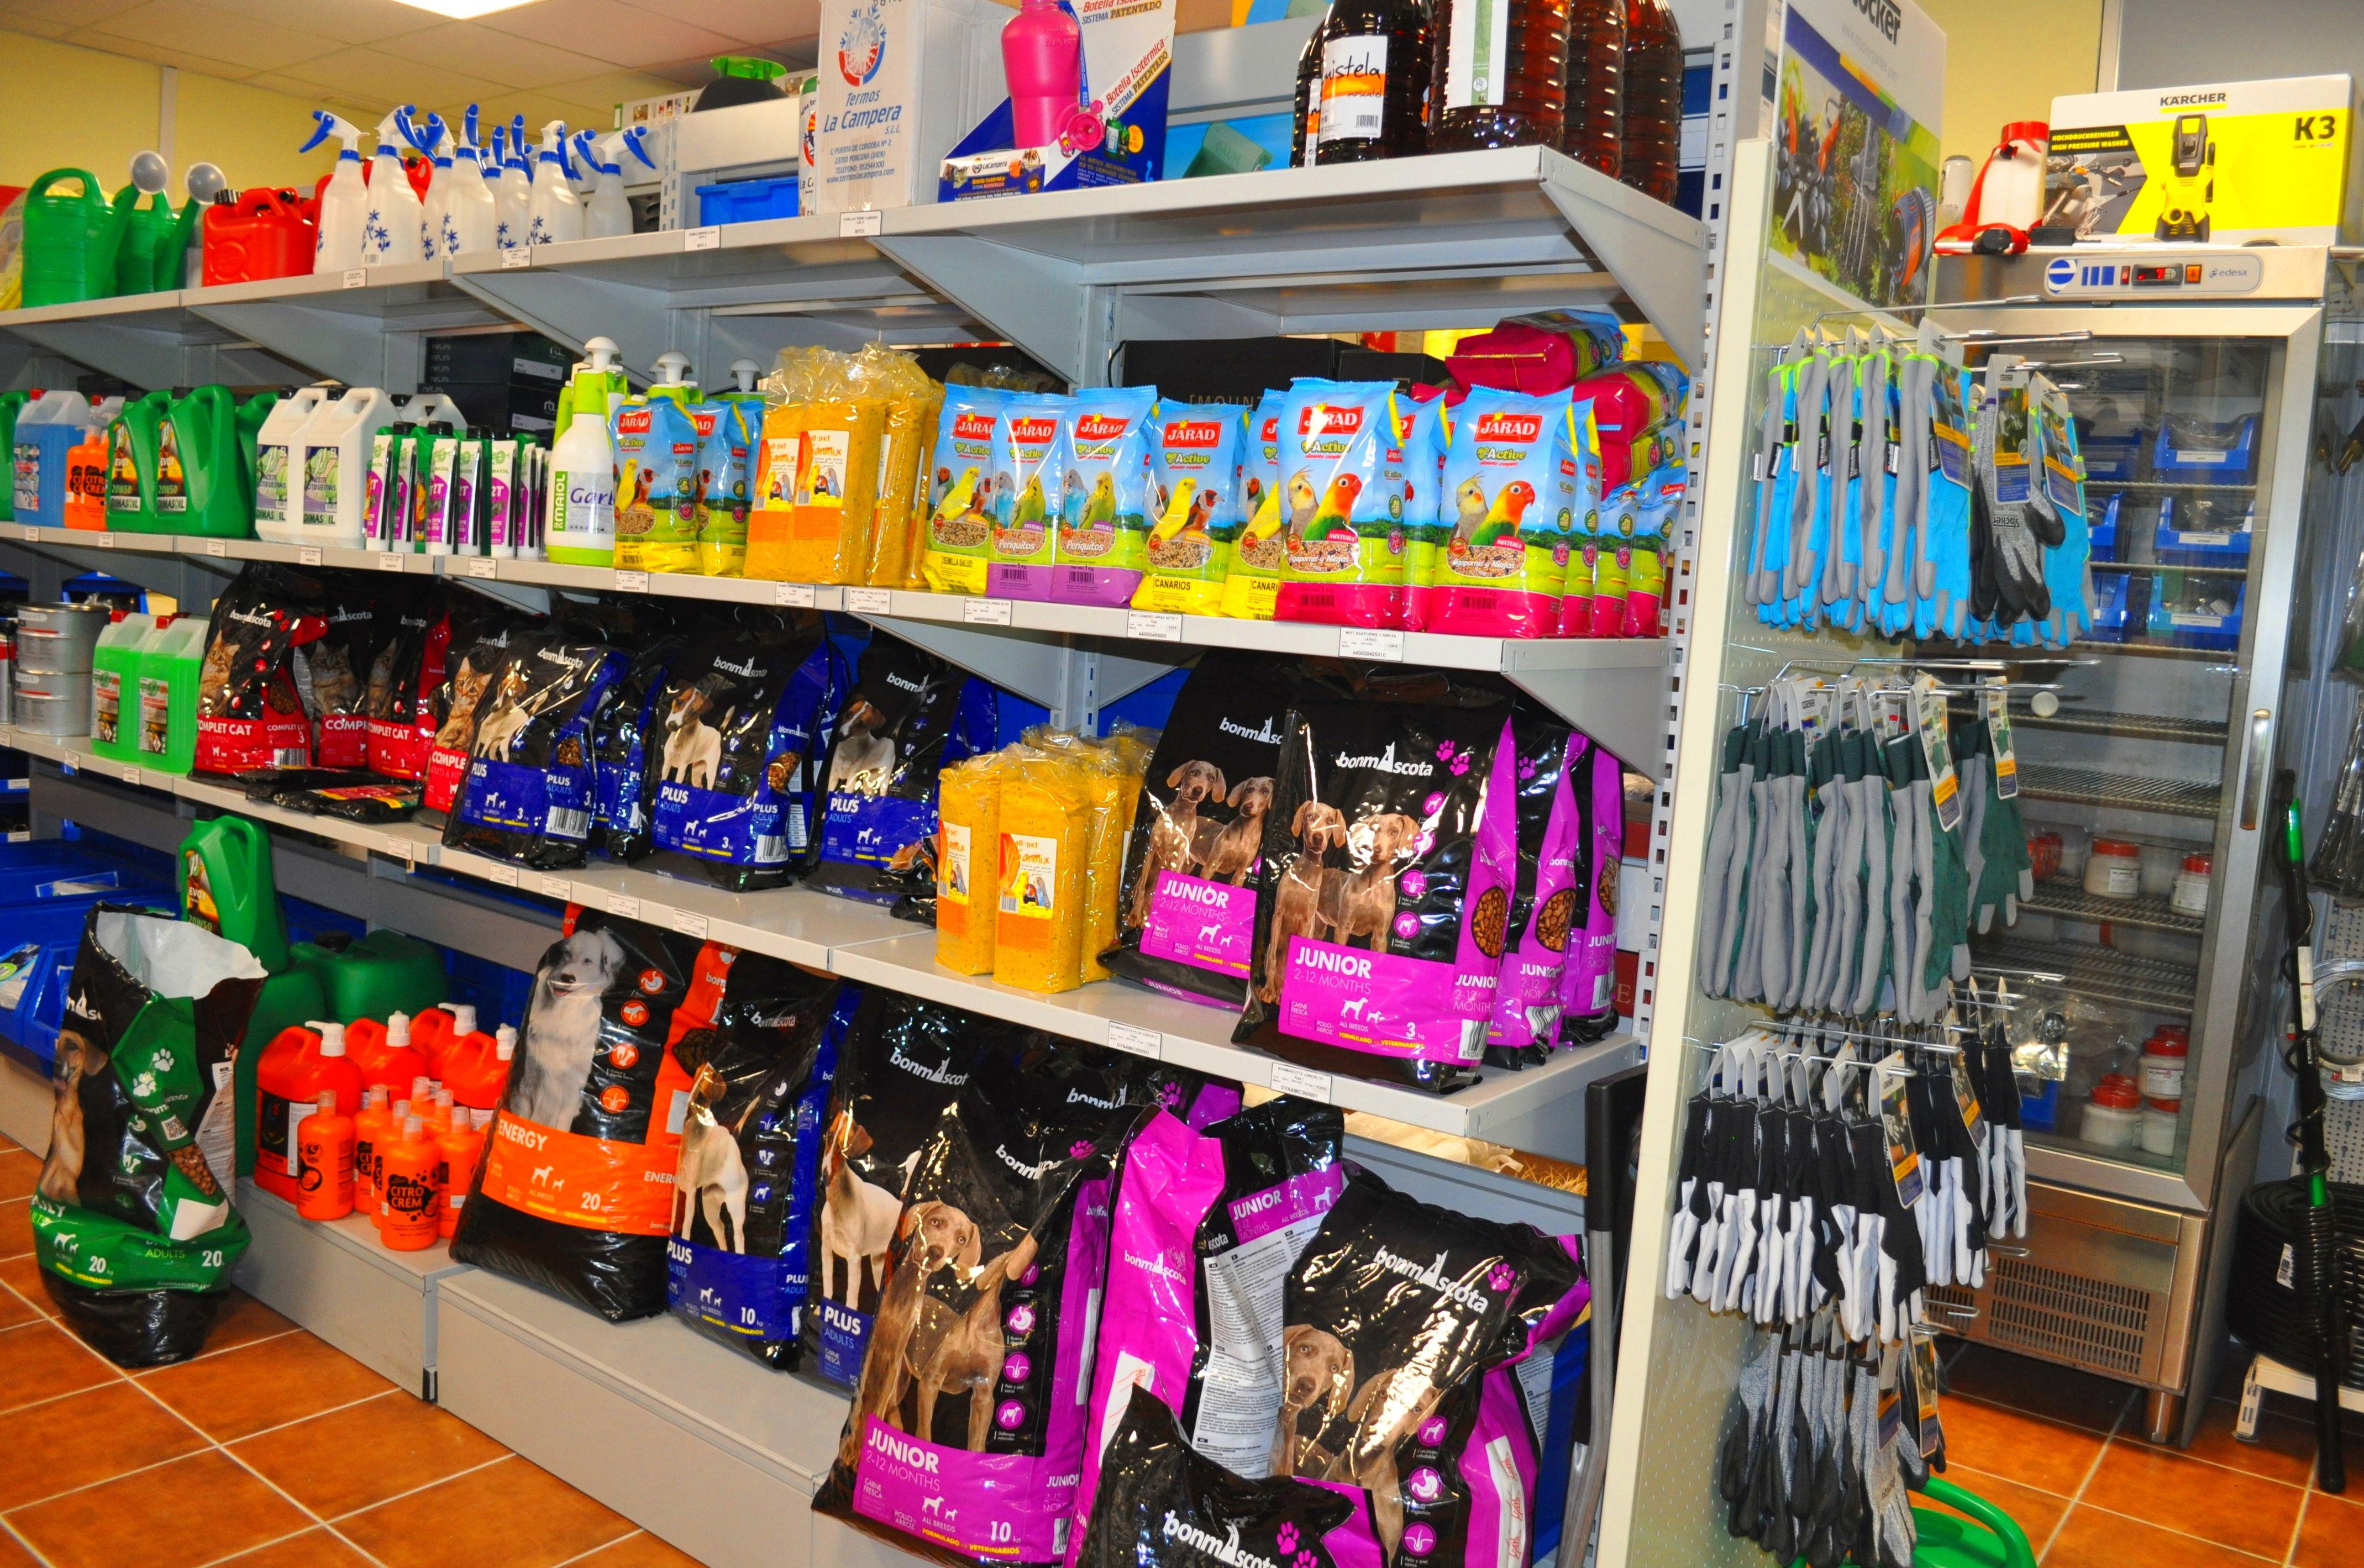 Foto 15 de Insecticidas y abonos en XATIVA | Insecticidas y abonos Llopis y Llopis S.L.